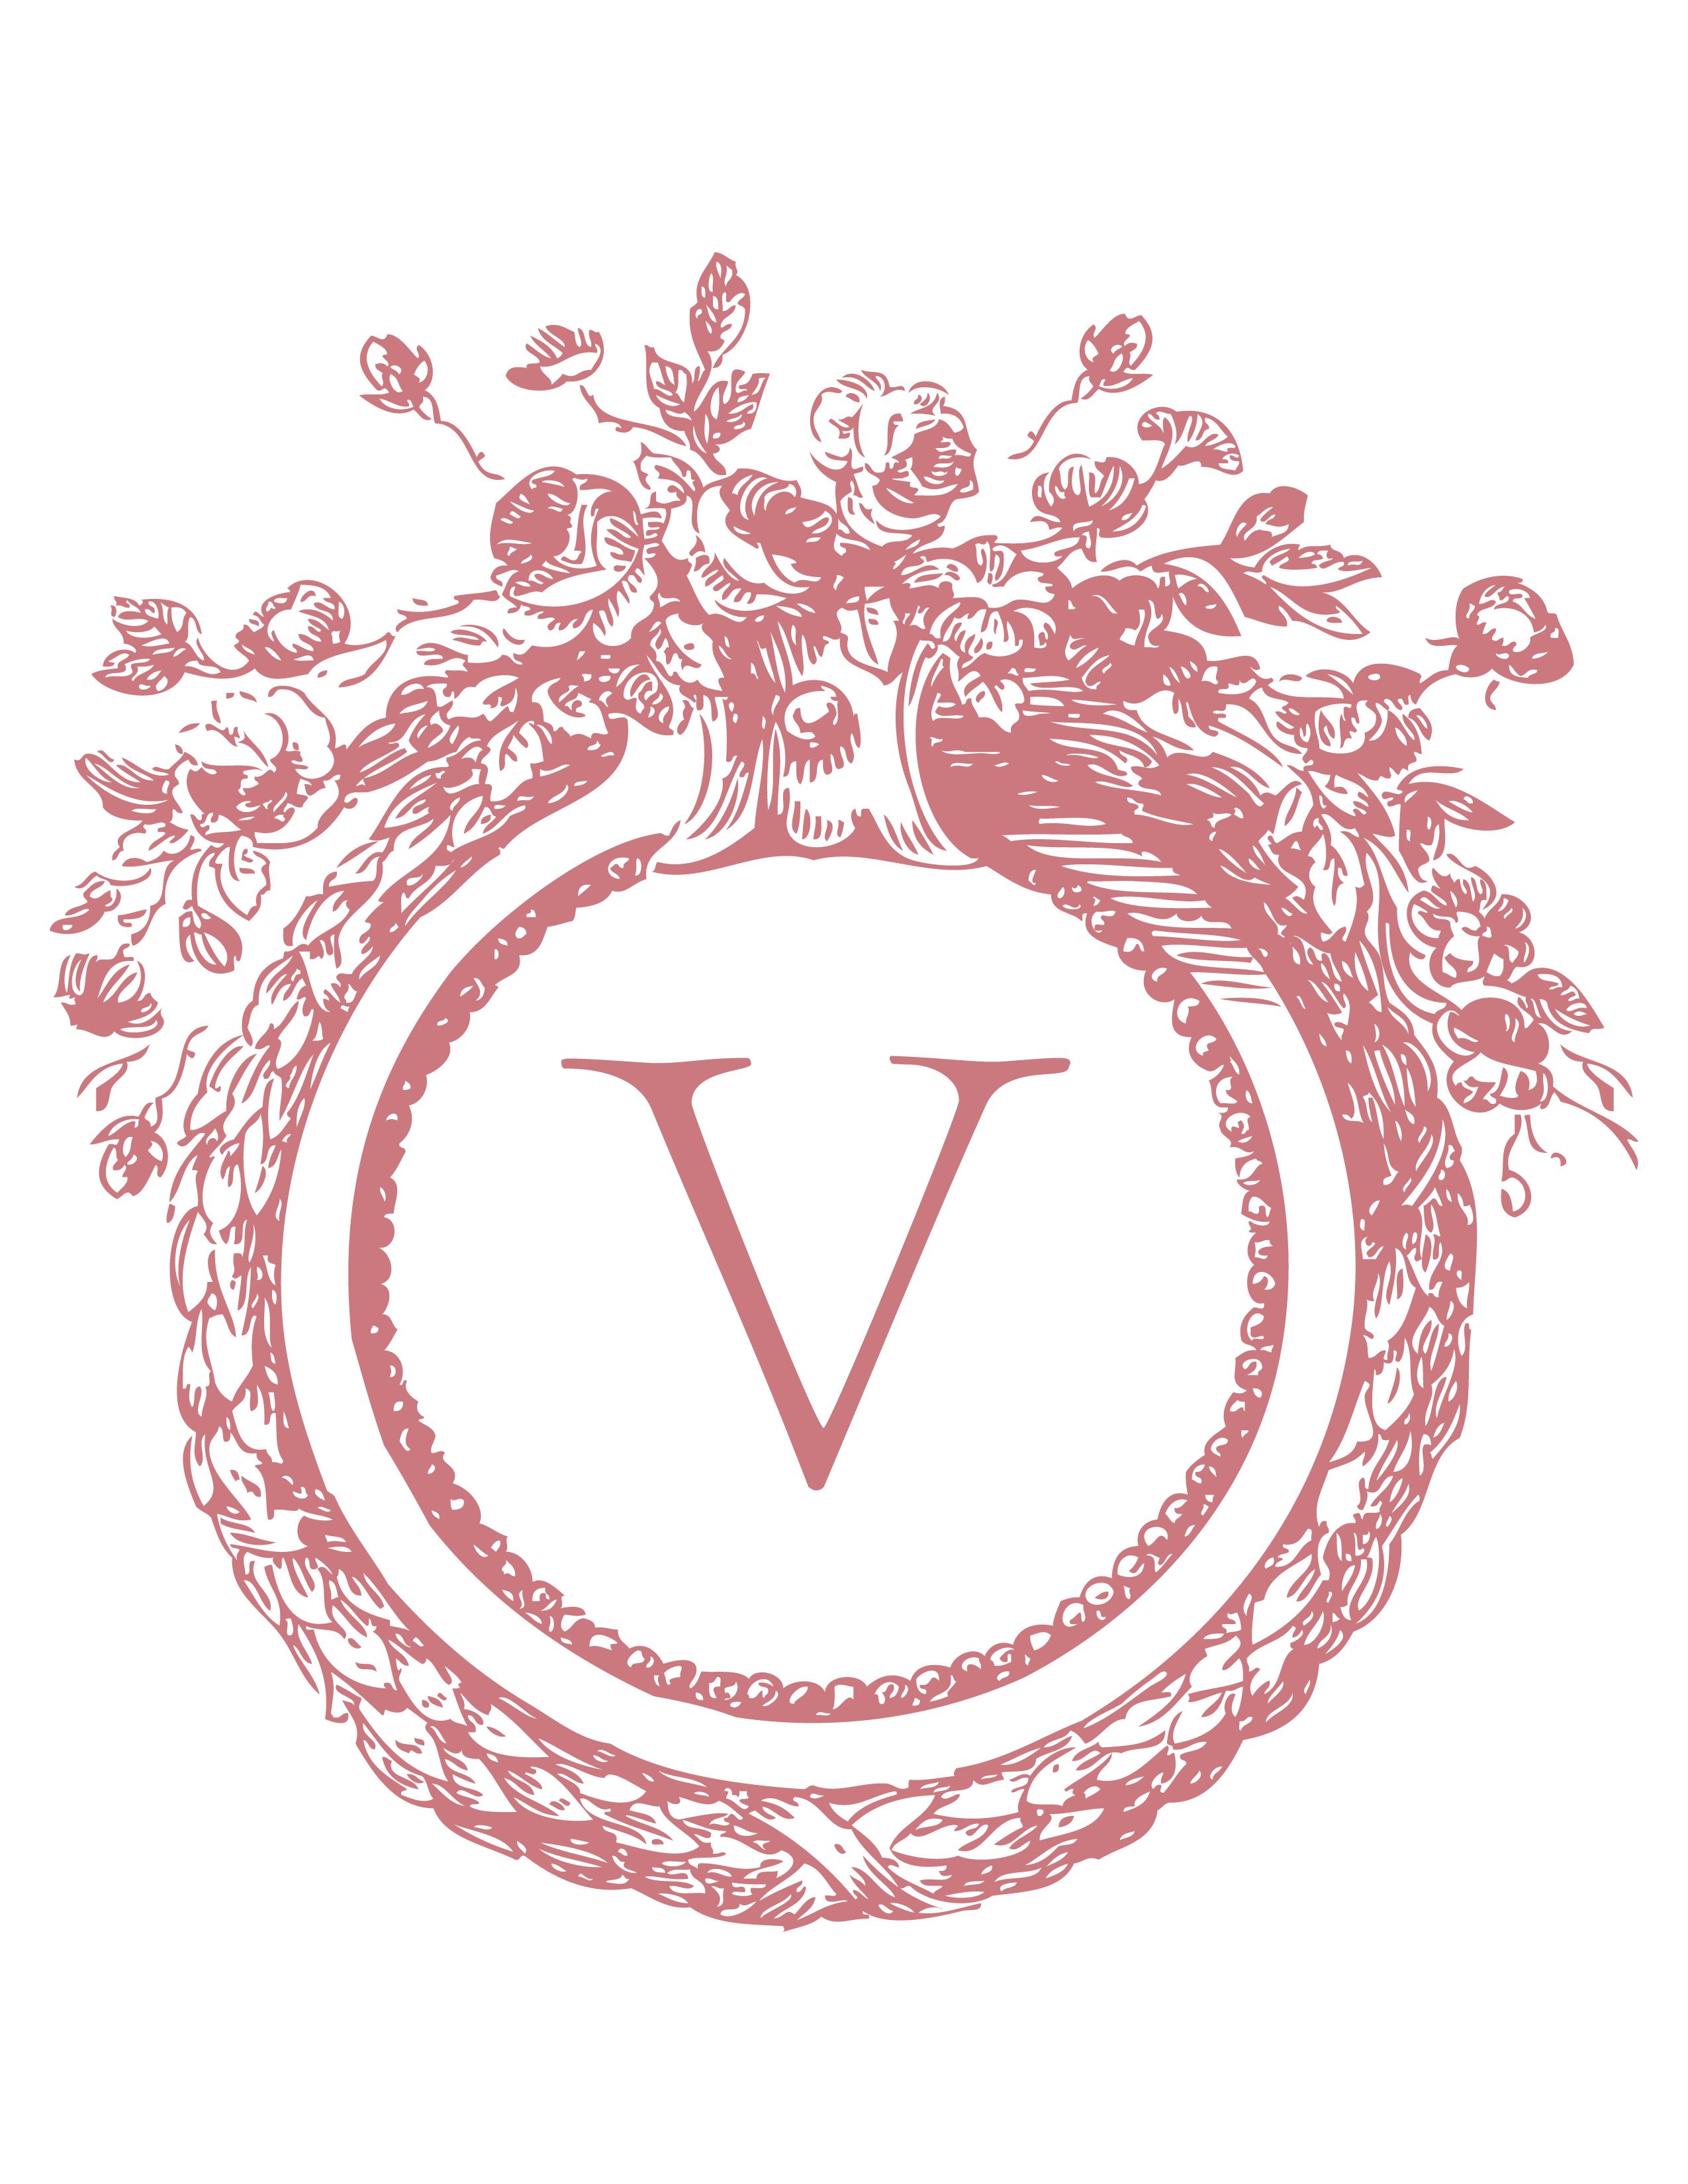 V monogram | V for me! | Pinterest | Monograms, Embroidery and ...